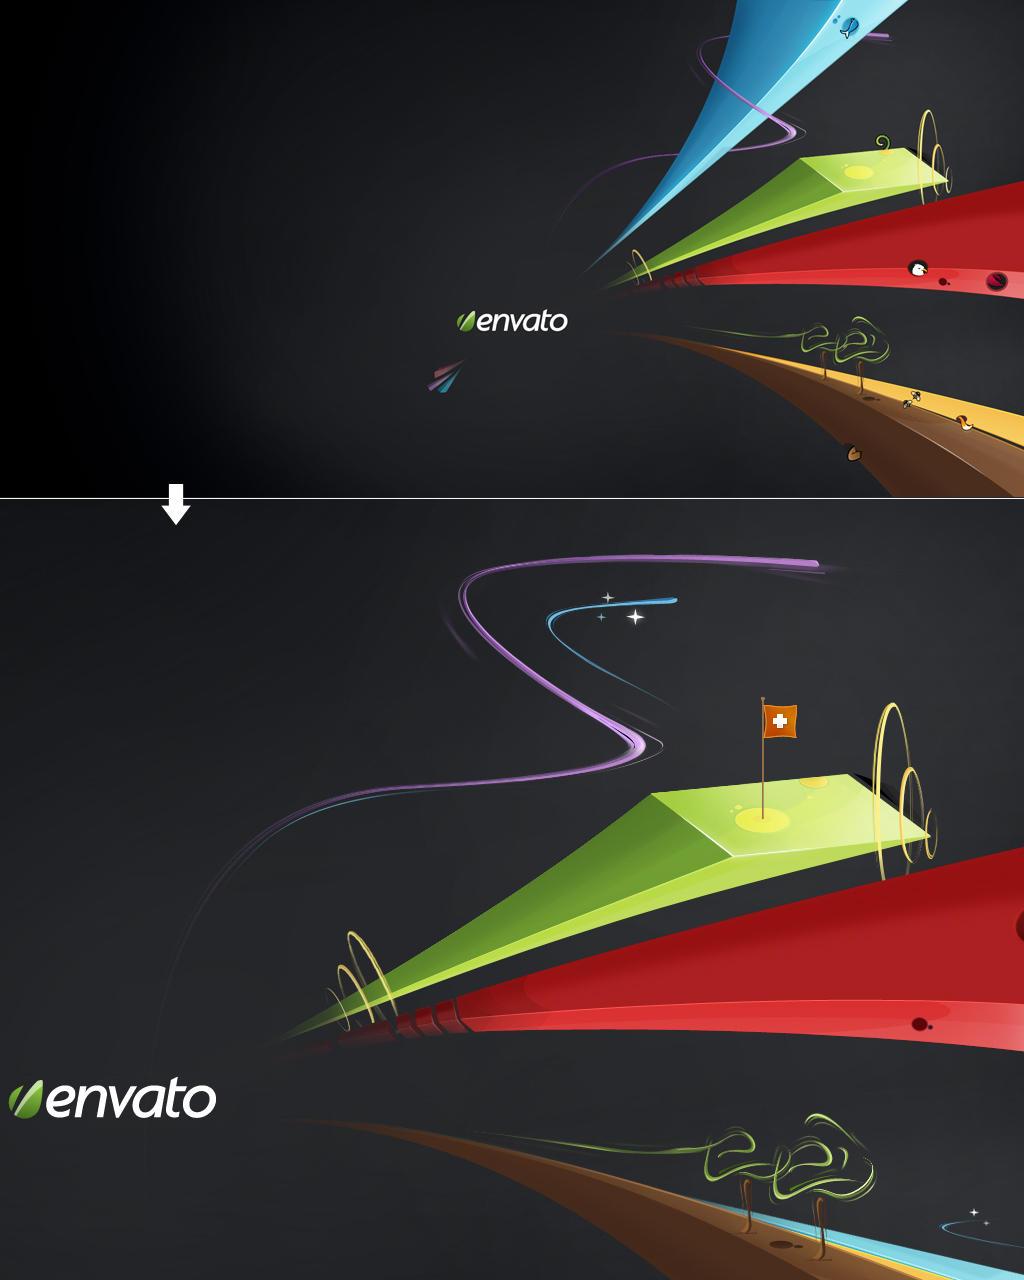 Envato Wallpaper by m-biz